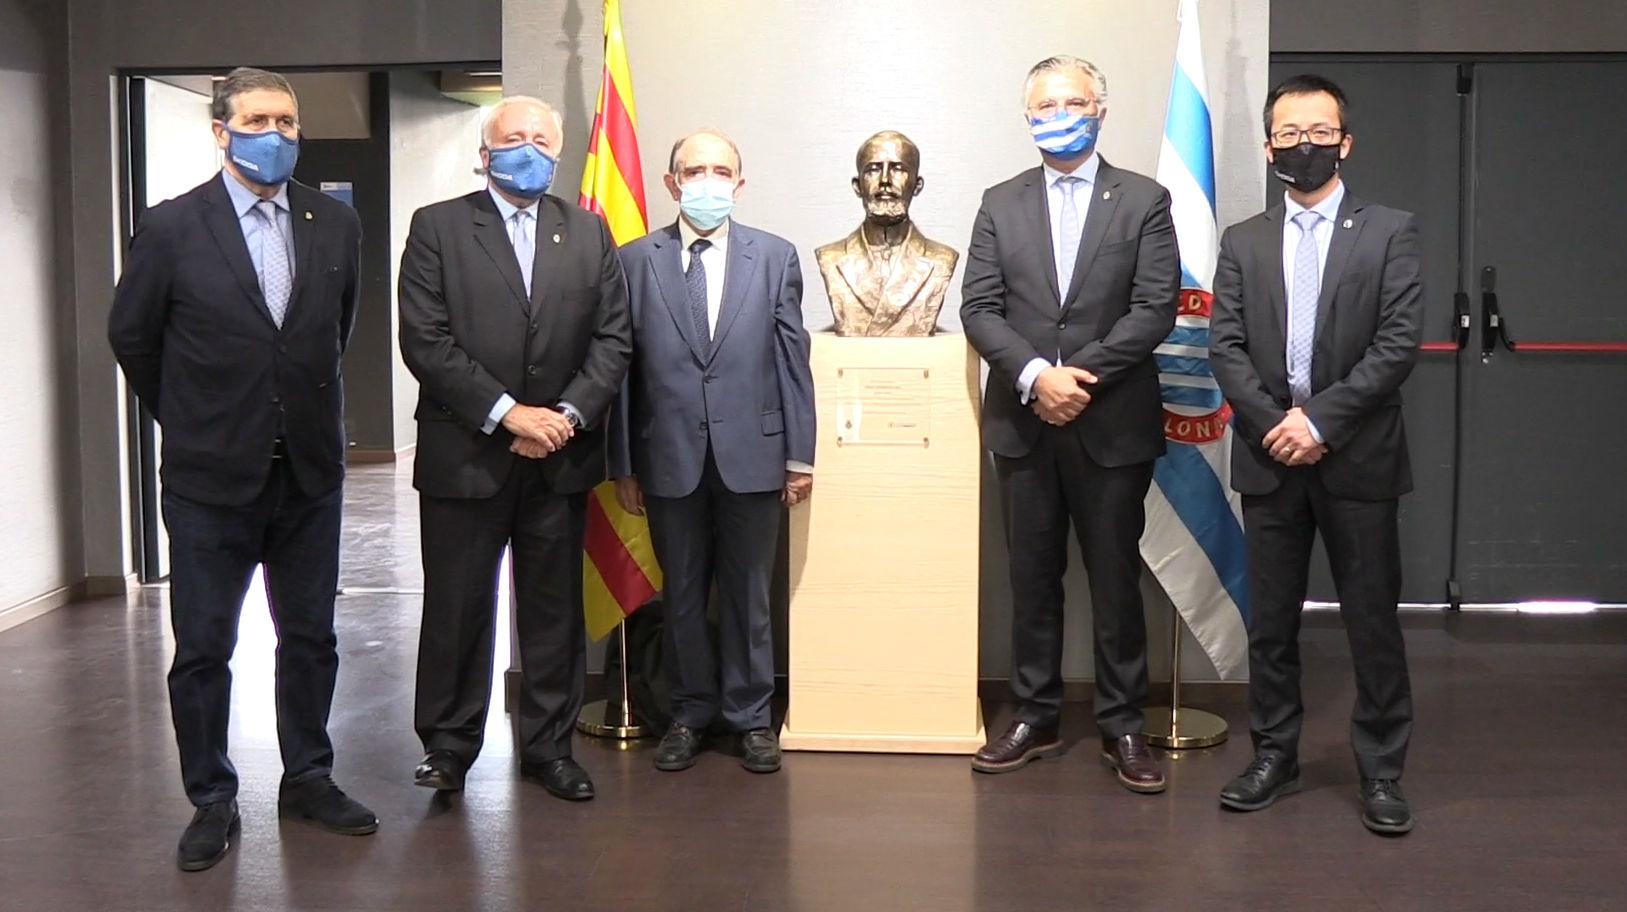 El Espanyol celebra su 120 aniversario con un homenaje a su fundador